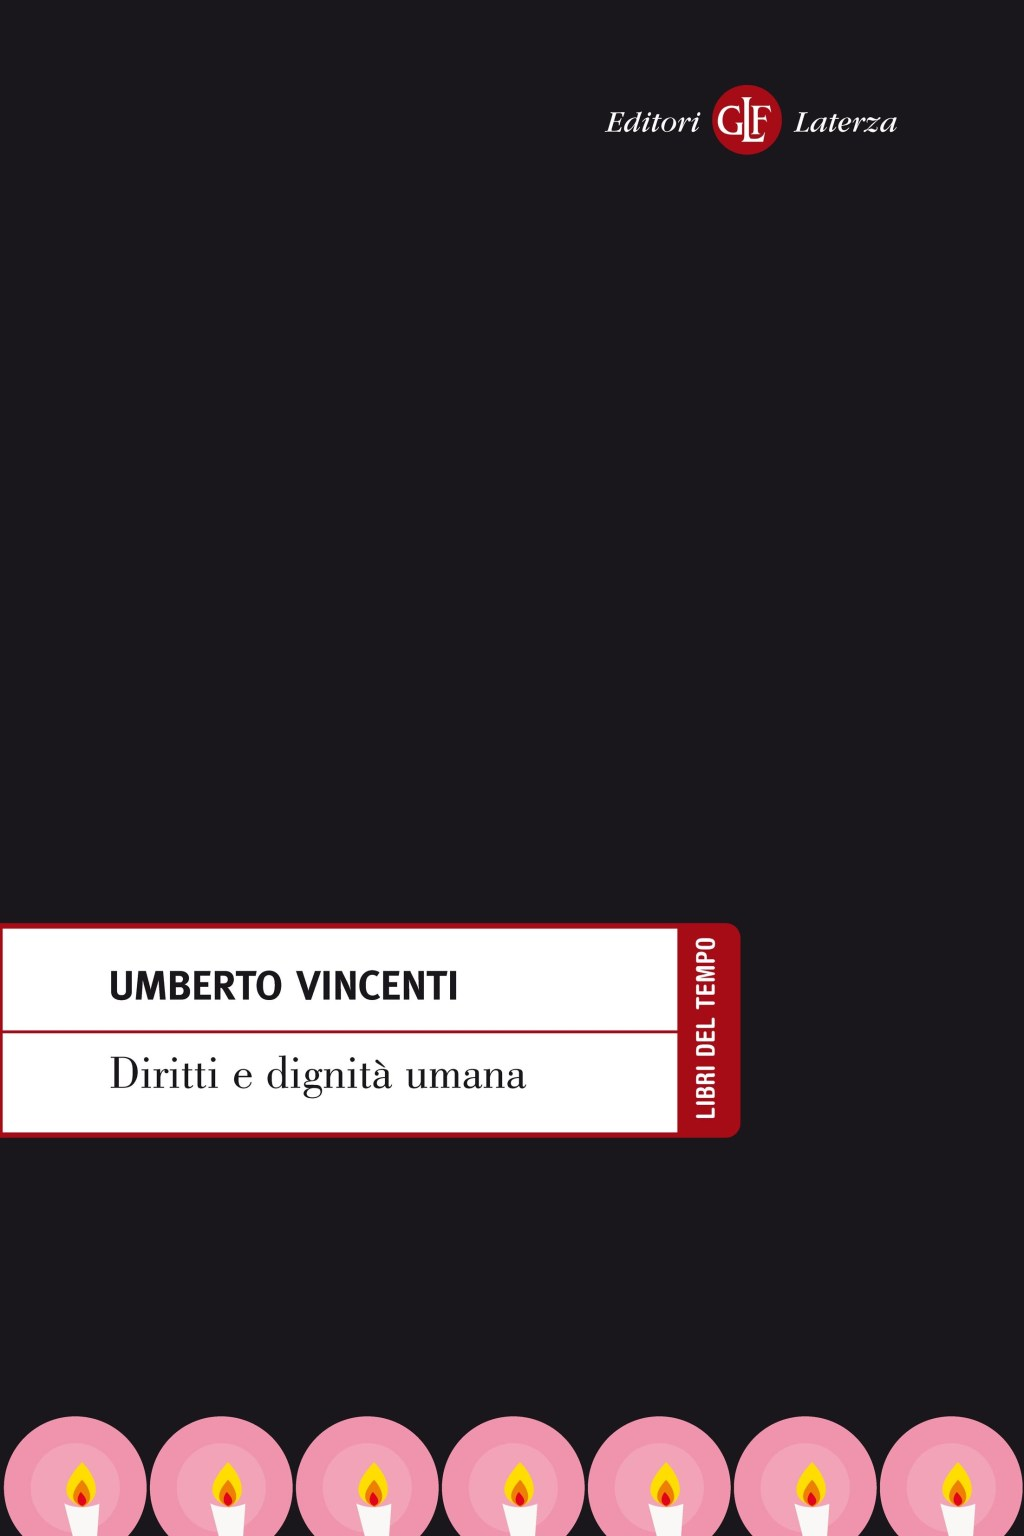 Umberto Vincenti